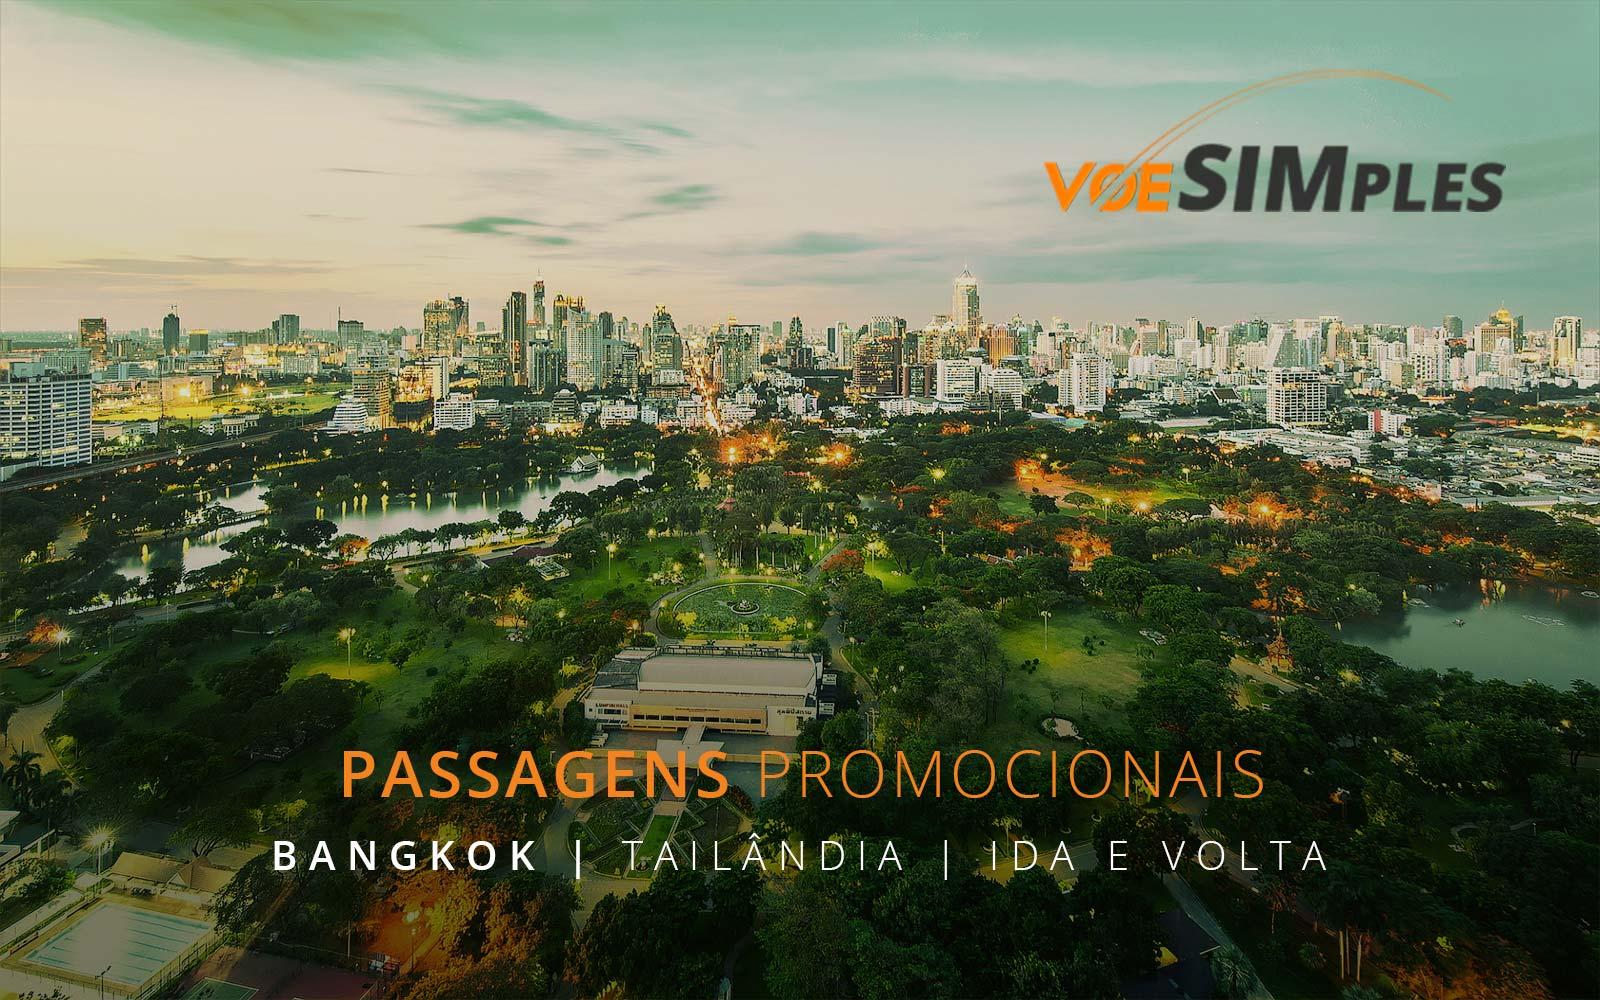 Passagens aéreas promocionais para Bangkok na Tailândia